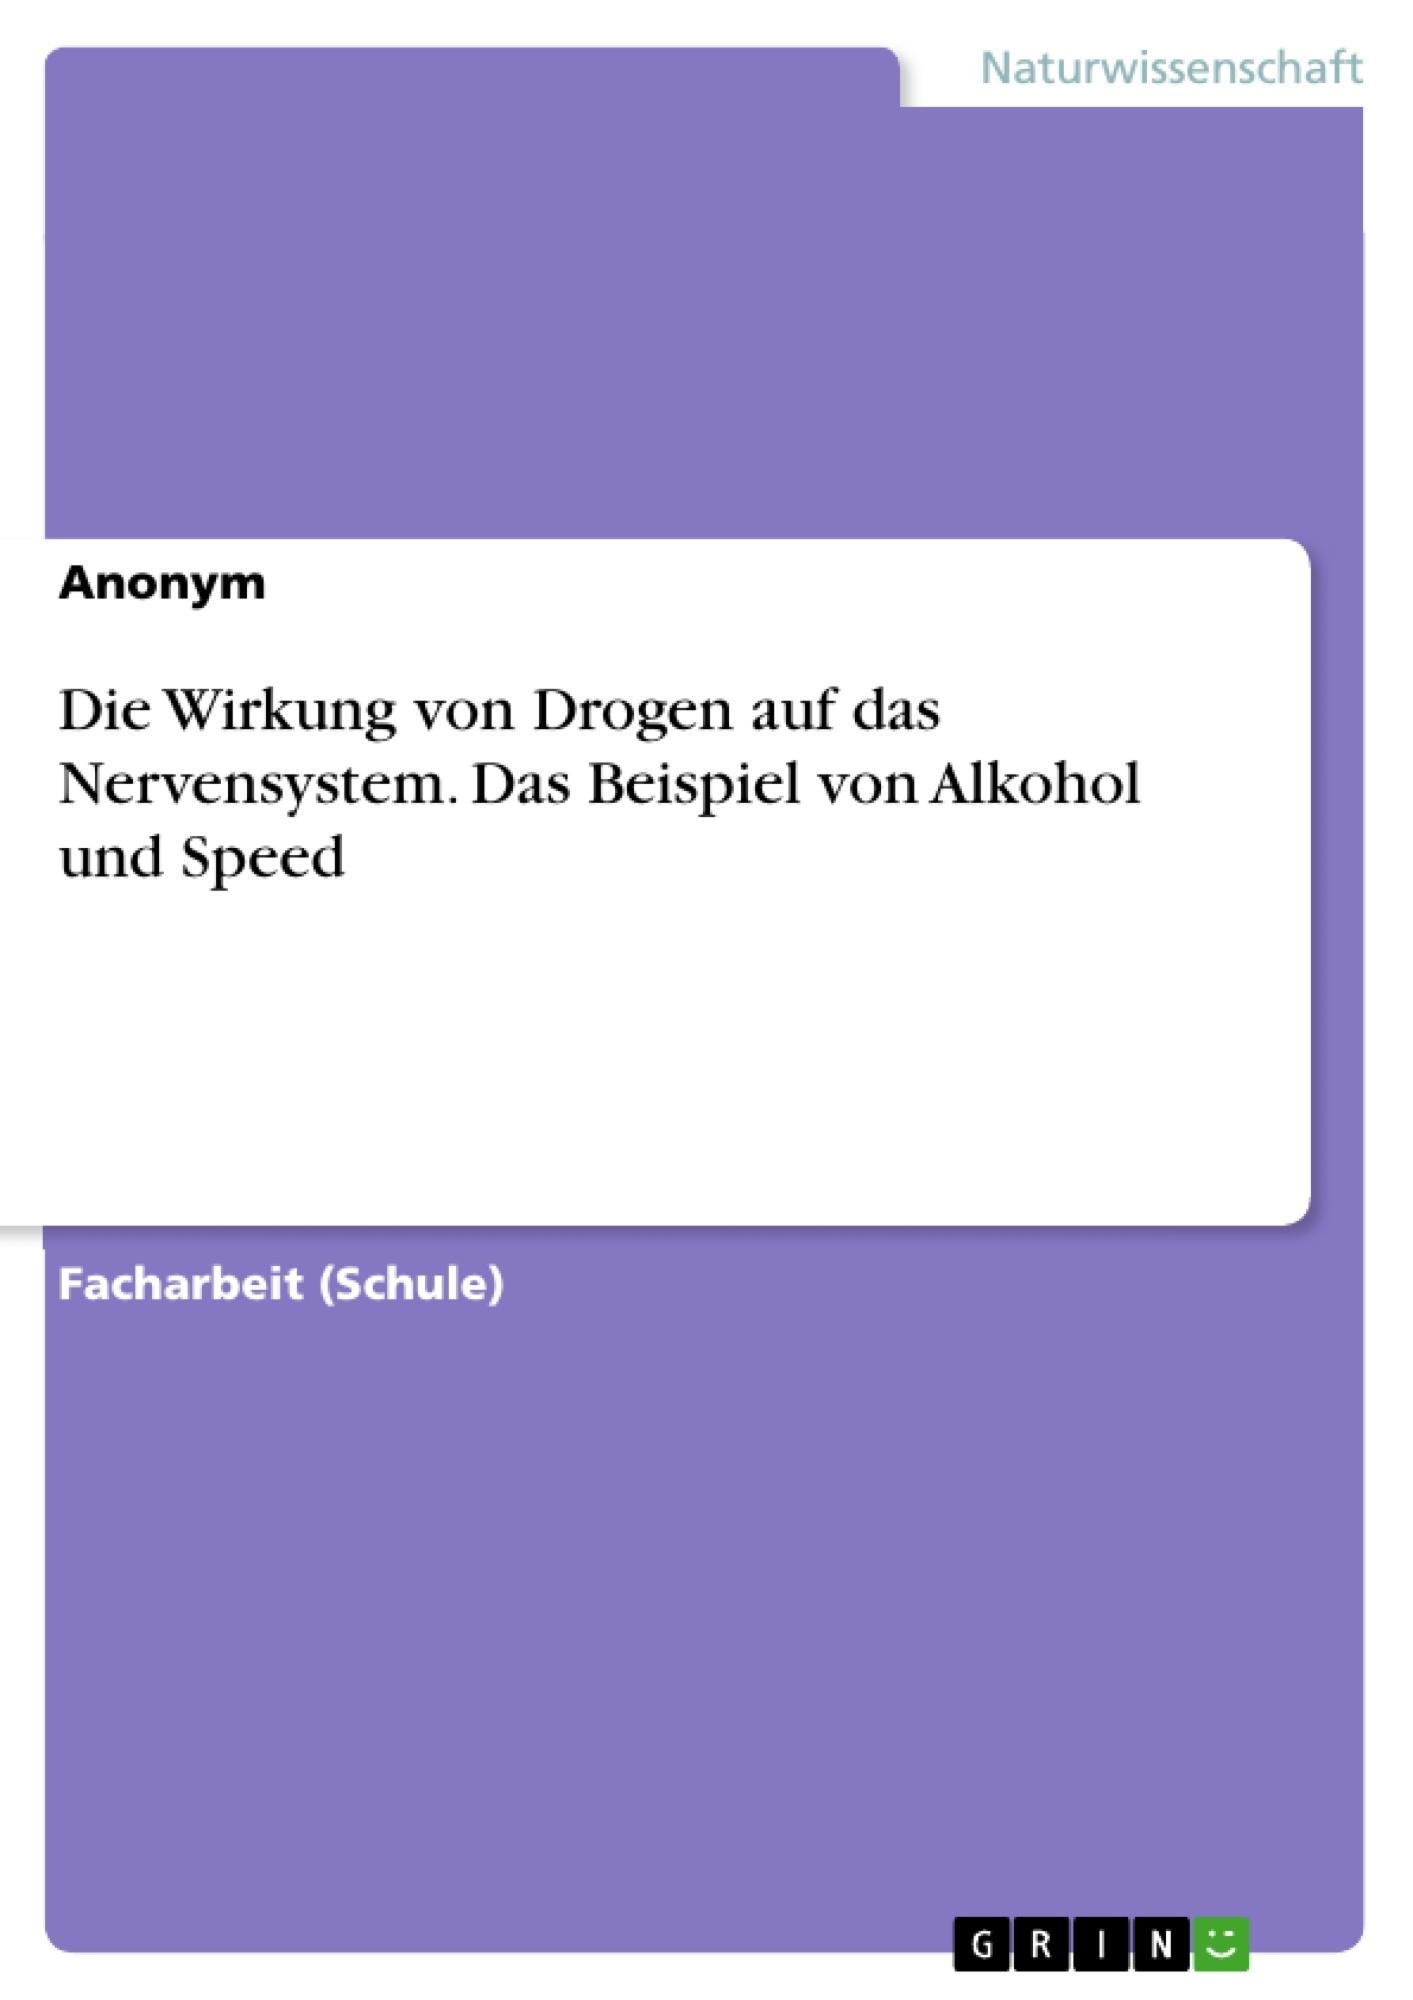 Titel: Die Wirkung von Drogen auf das Nervensystem. Das Beispiel von Alkohol und Speed